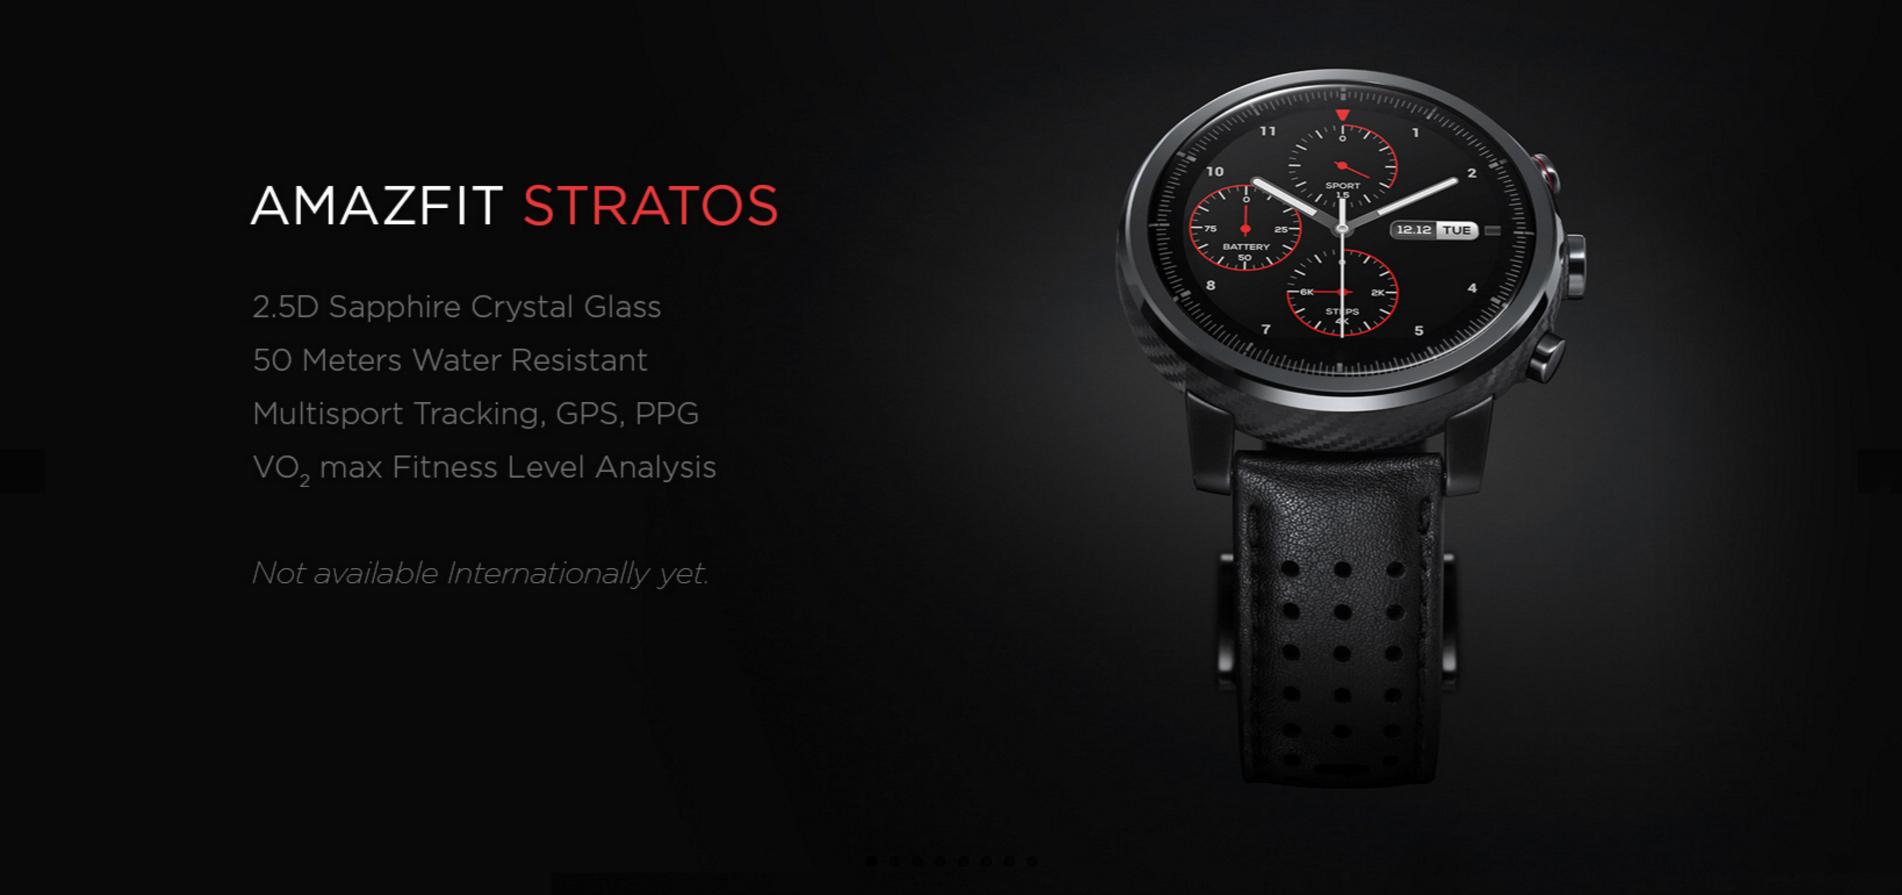 Sleva 65 dolarů na originální chytré hodinky Xiaomi Amazfit Stratos Watch 2! [sponzorovaný článek]